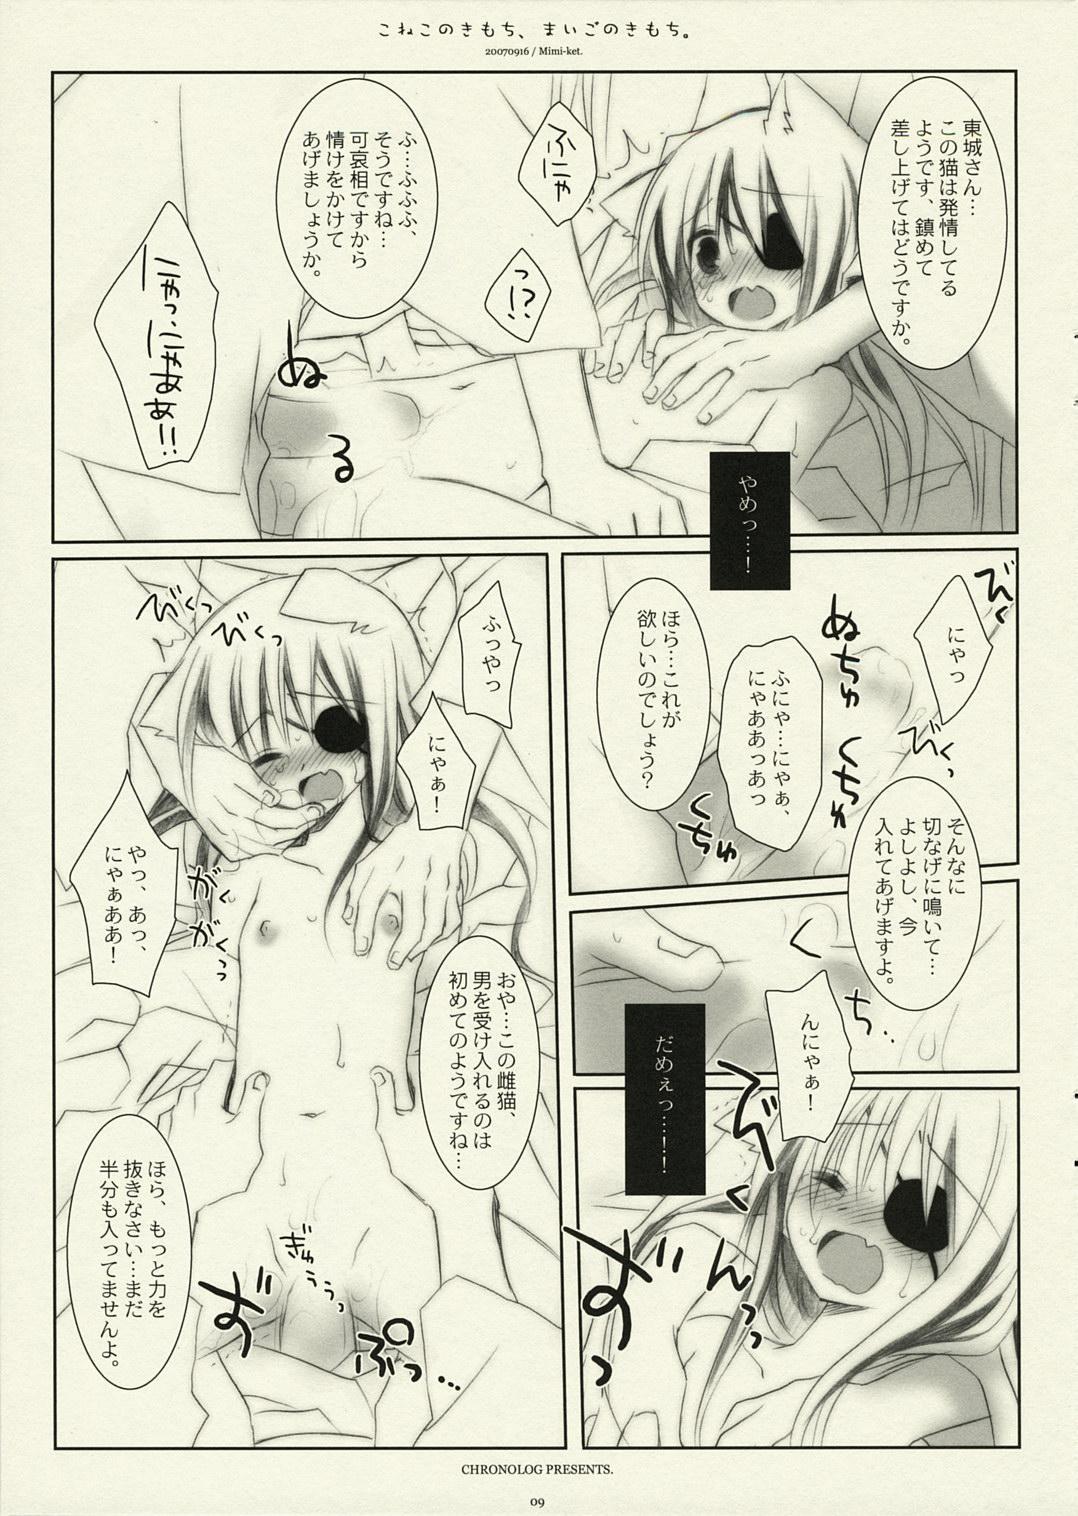 Koneko no Kimochi, Maigo no Kimochi. 7